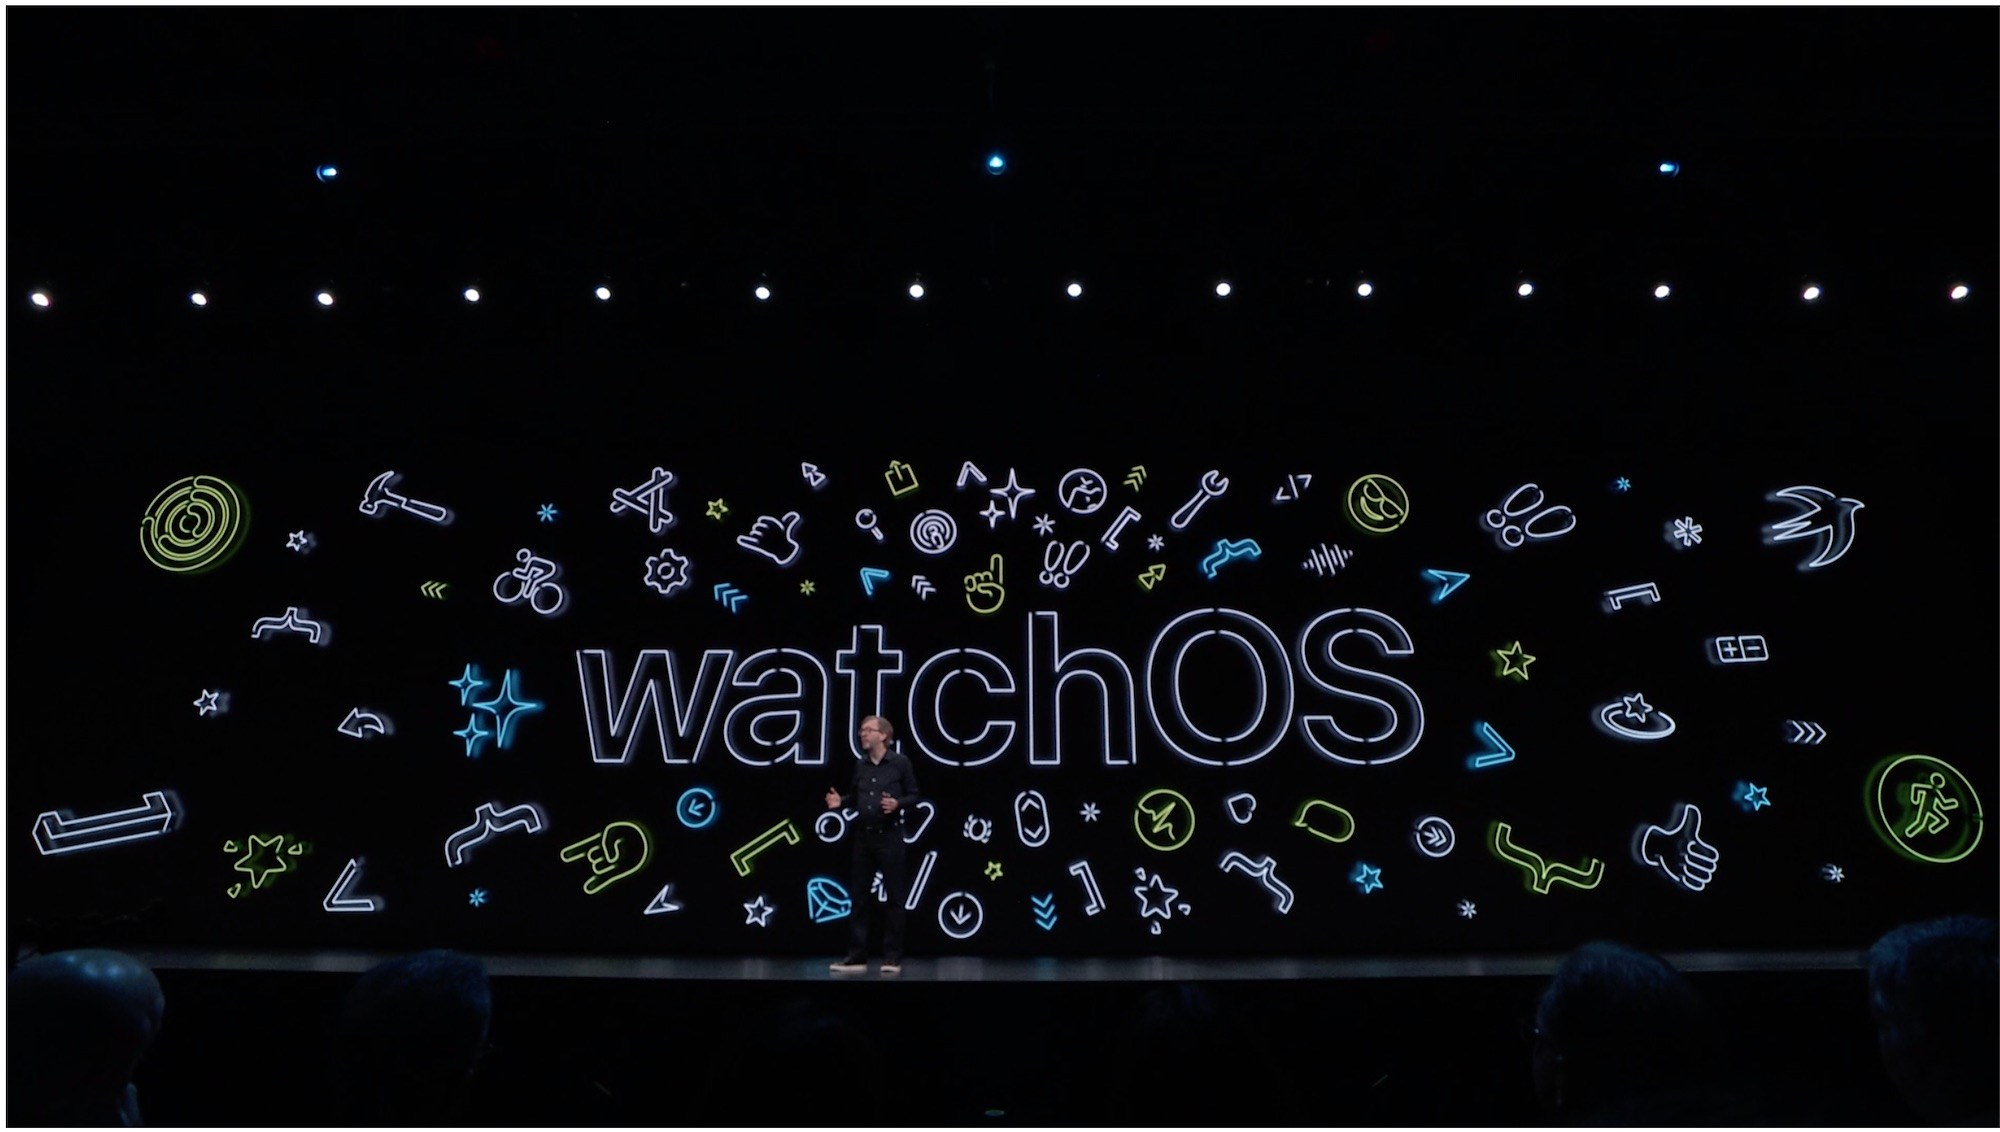 Il giorno di WatchOS 6: tutto quello che sappiamo